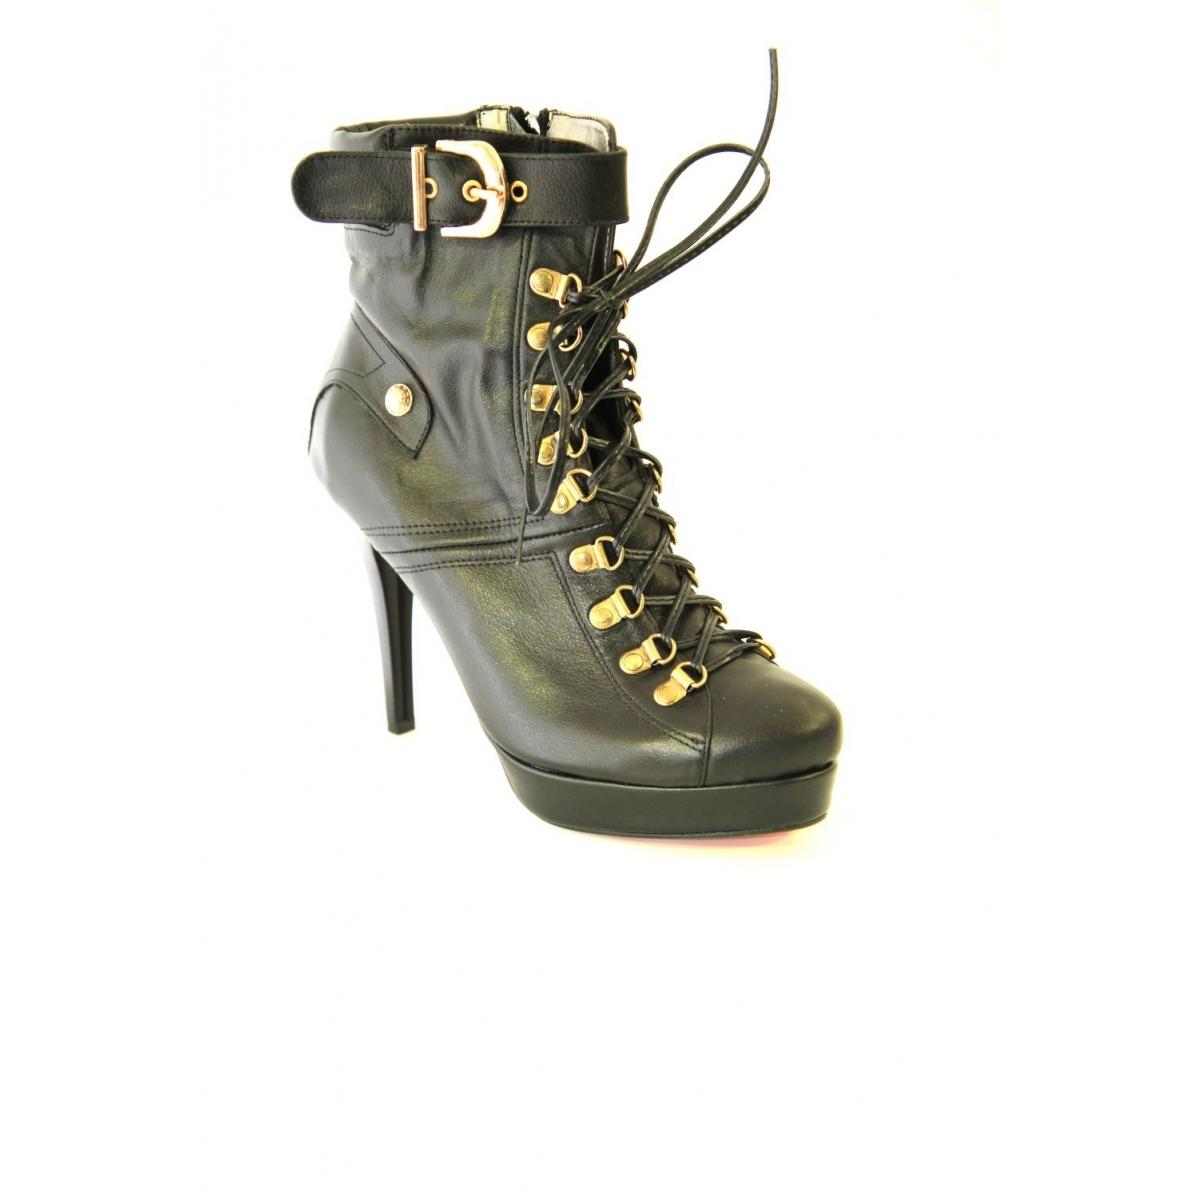 CALISTA 017 CIERNE-Kotníkové topánky čiernej farby TK - 2 7248f1da644